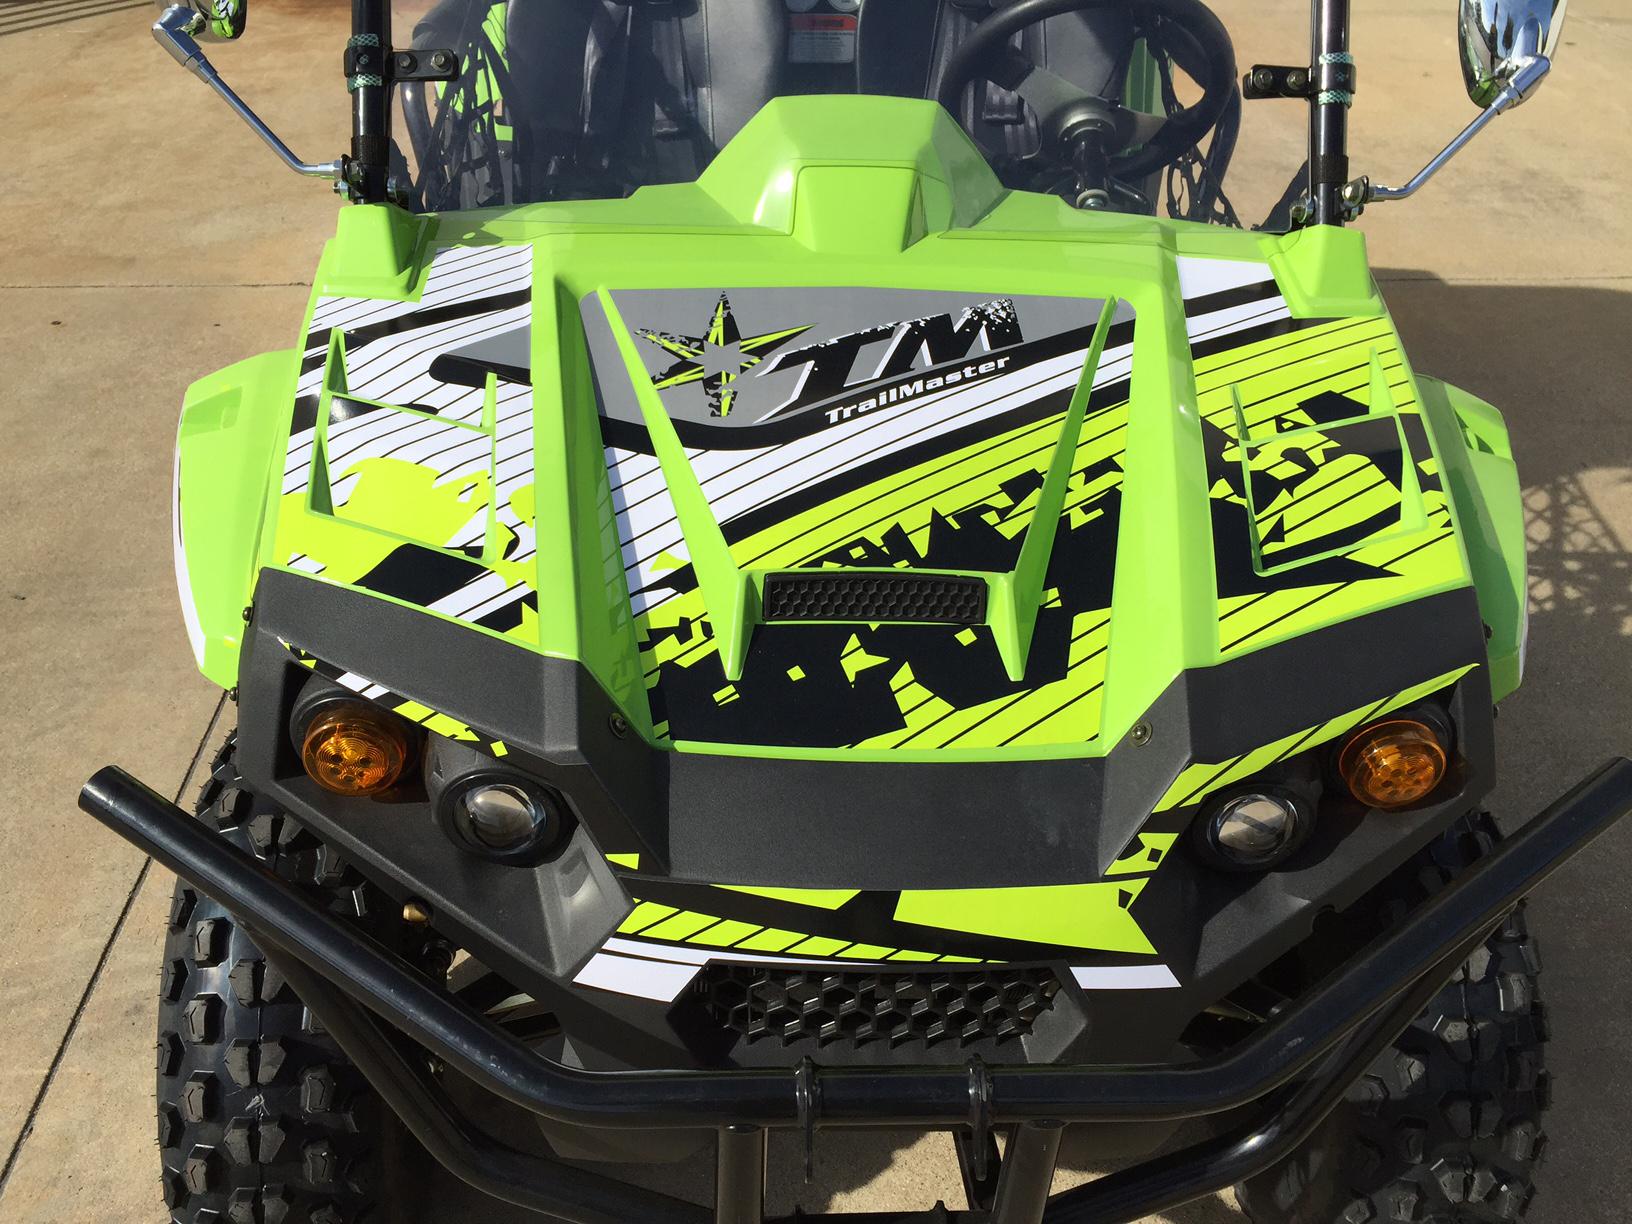 Decal Kit for Trailmaster 150 Challenger UTV